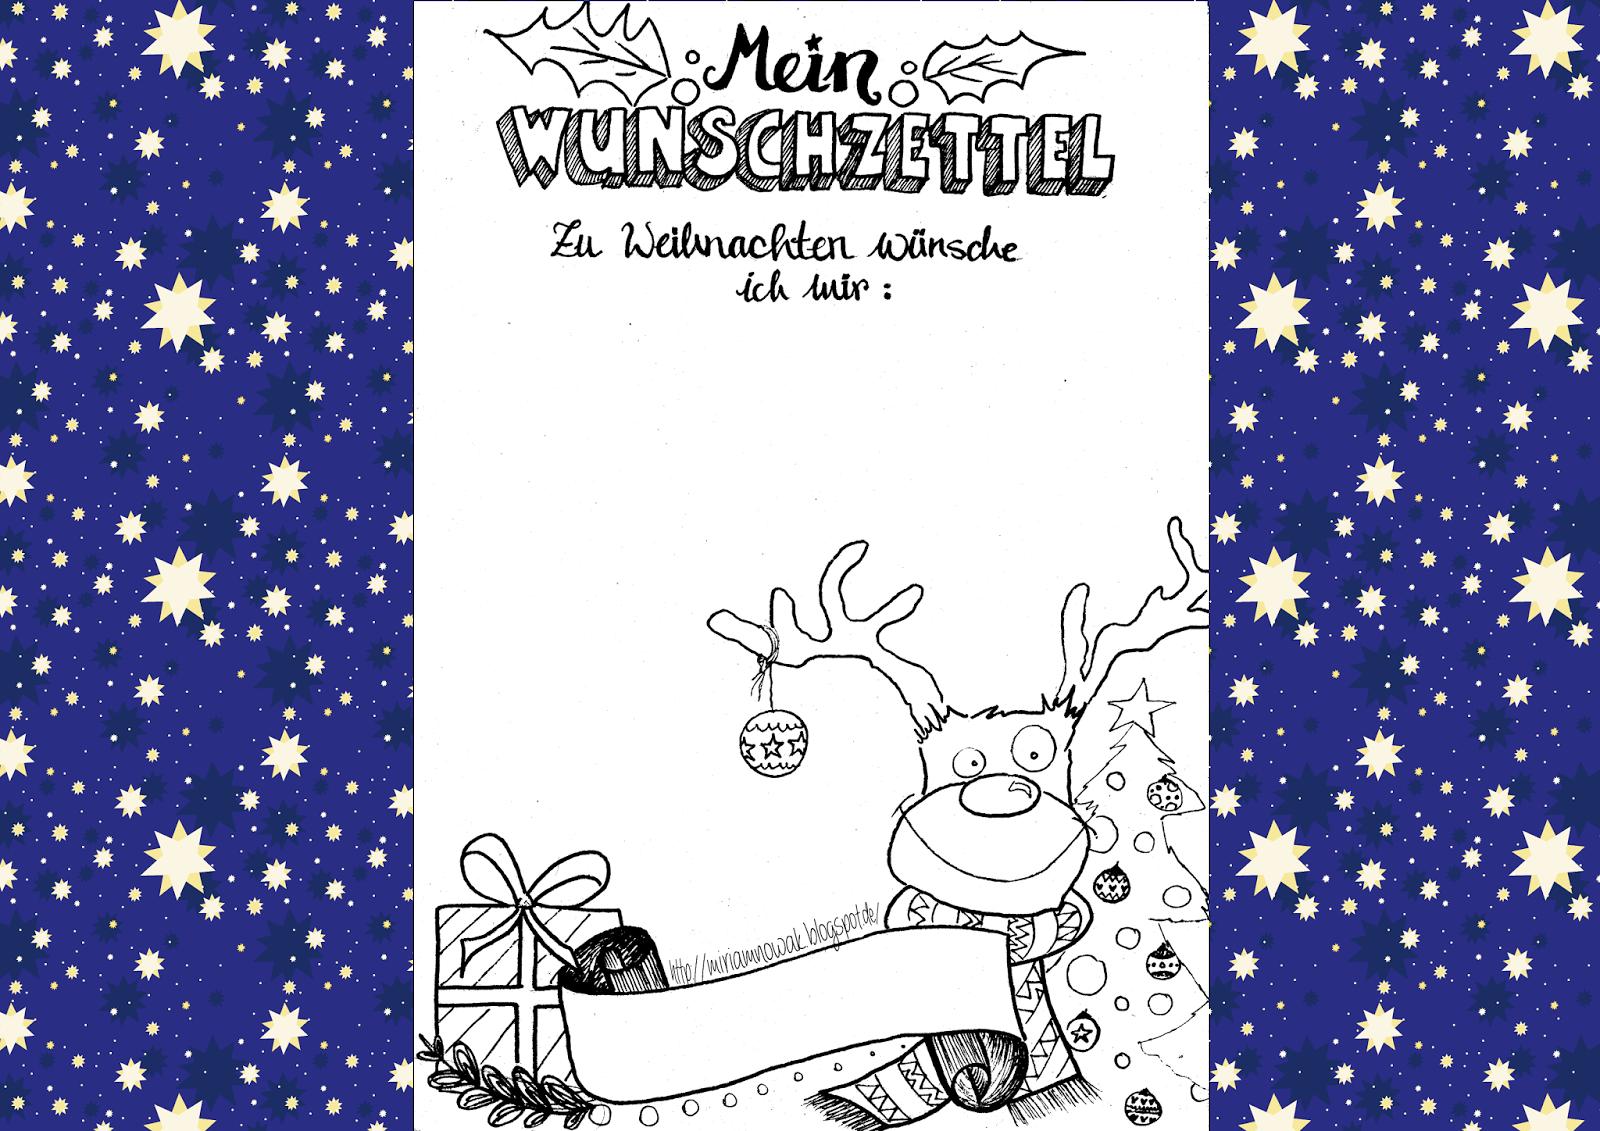 Freebie Weihnachts Wunschzettel Wunschzettel Brief Ans Christkind Weihnachtswunschliste